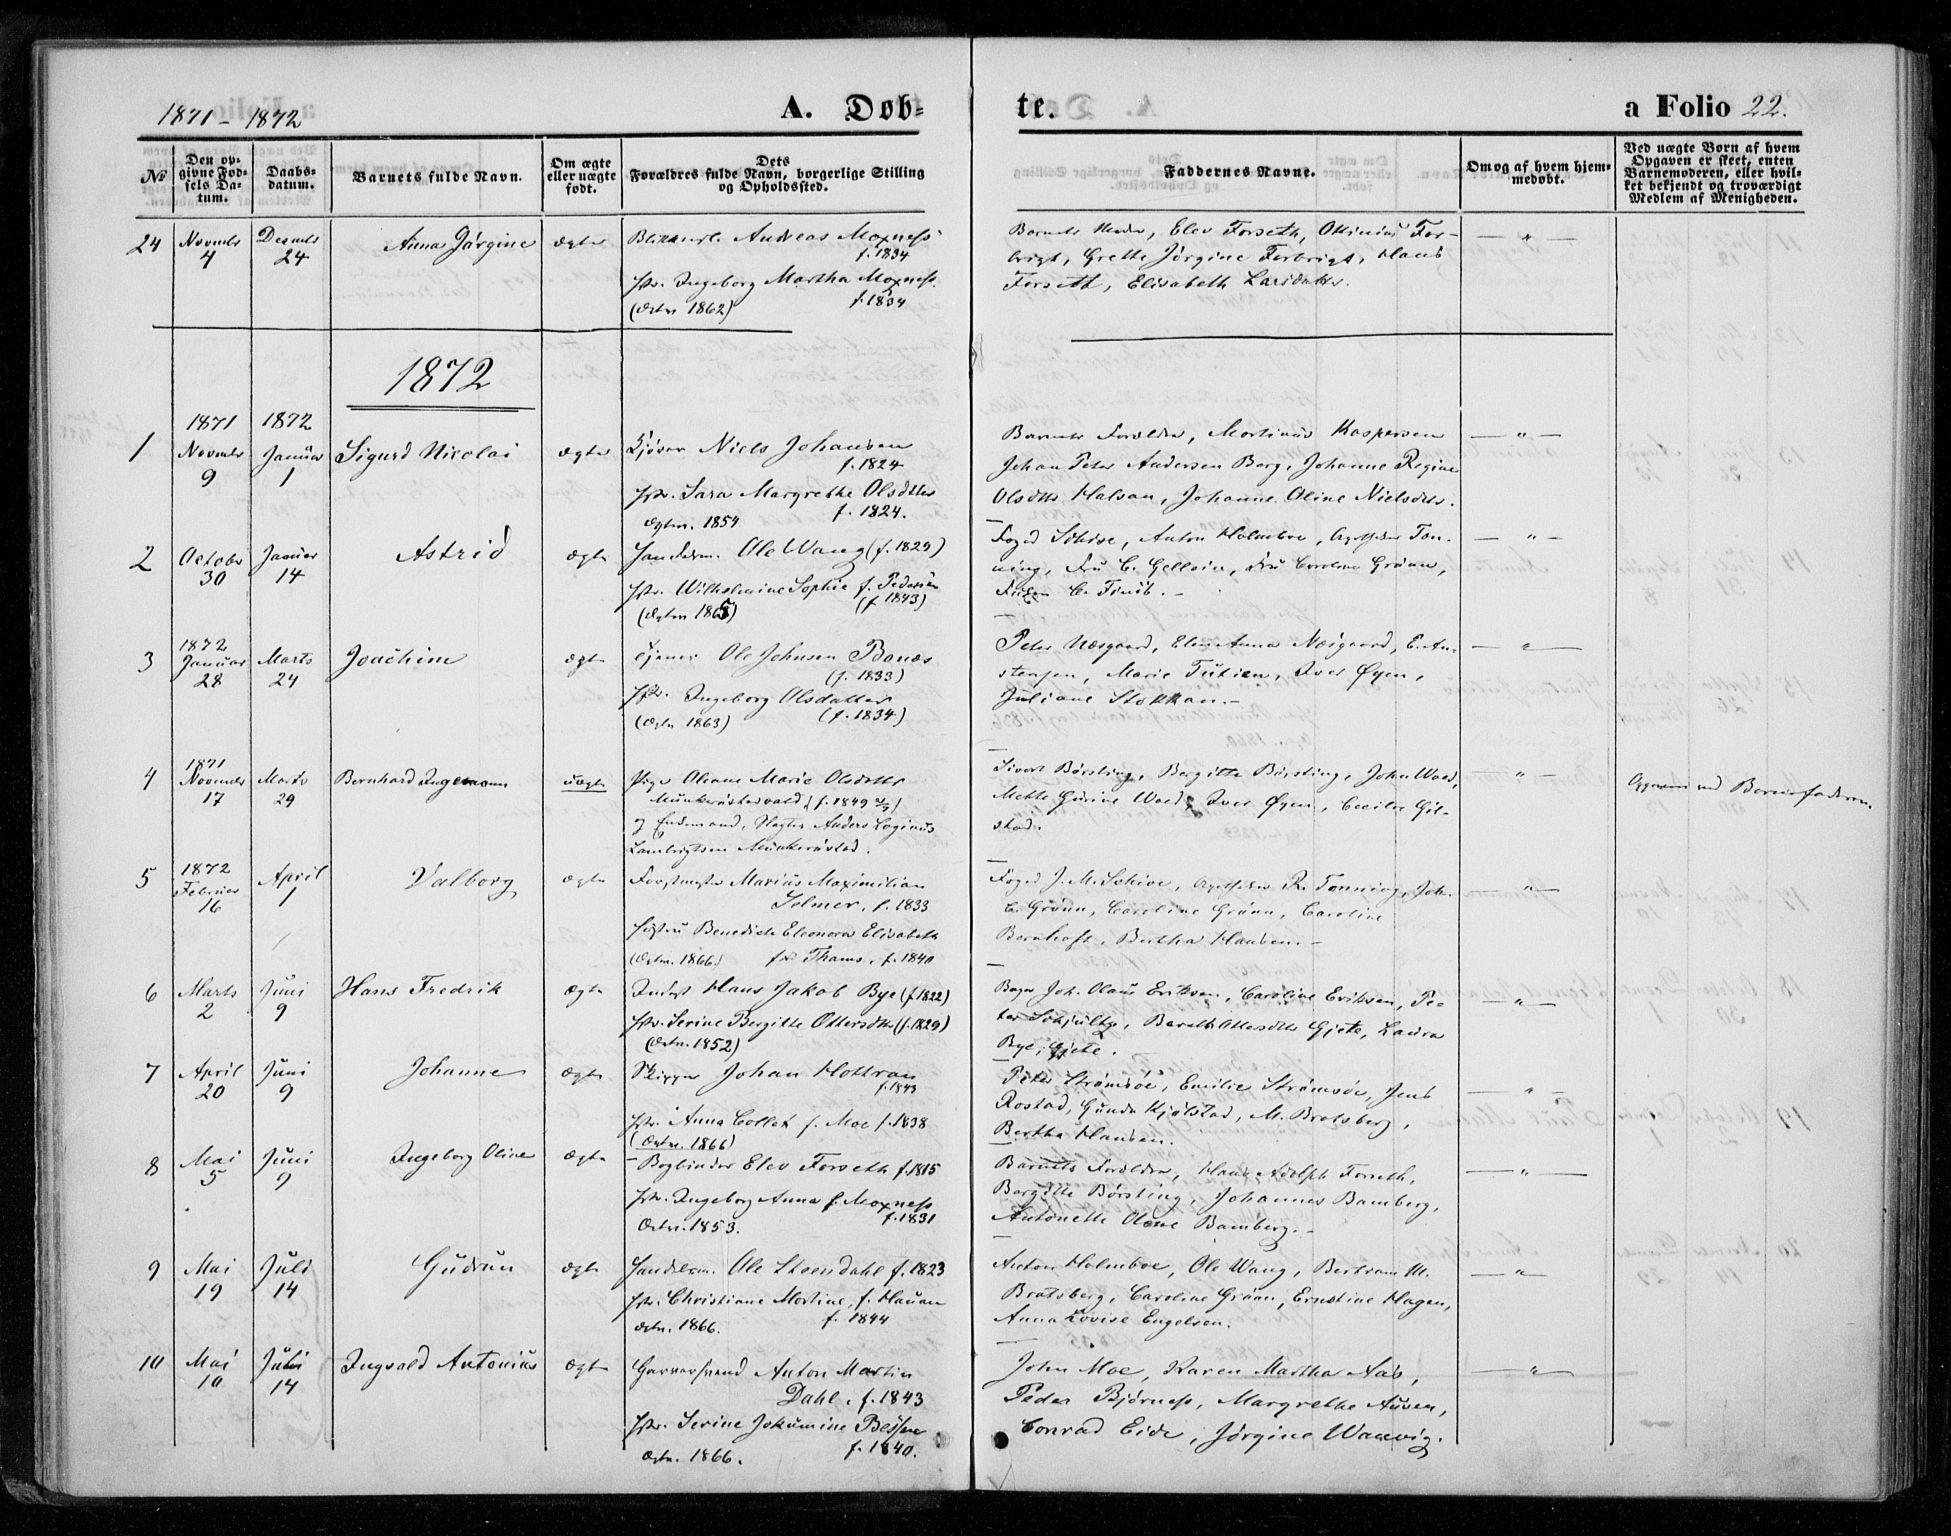 SAT, Ministerialprotokoller, klokkerbøker og fødselsregistre - Nord-Trøndelag, 720/L0186: Ministerialbok nr. 720A03, 1864-1874, s. 22